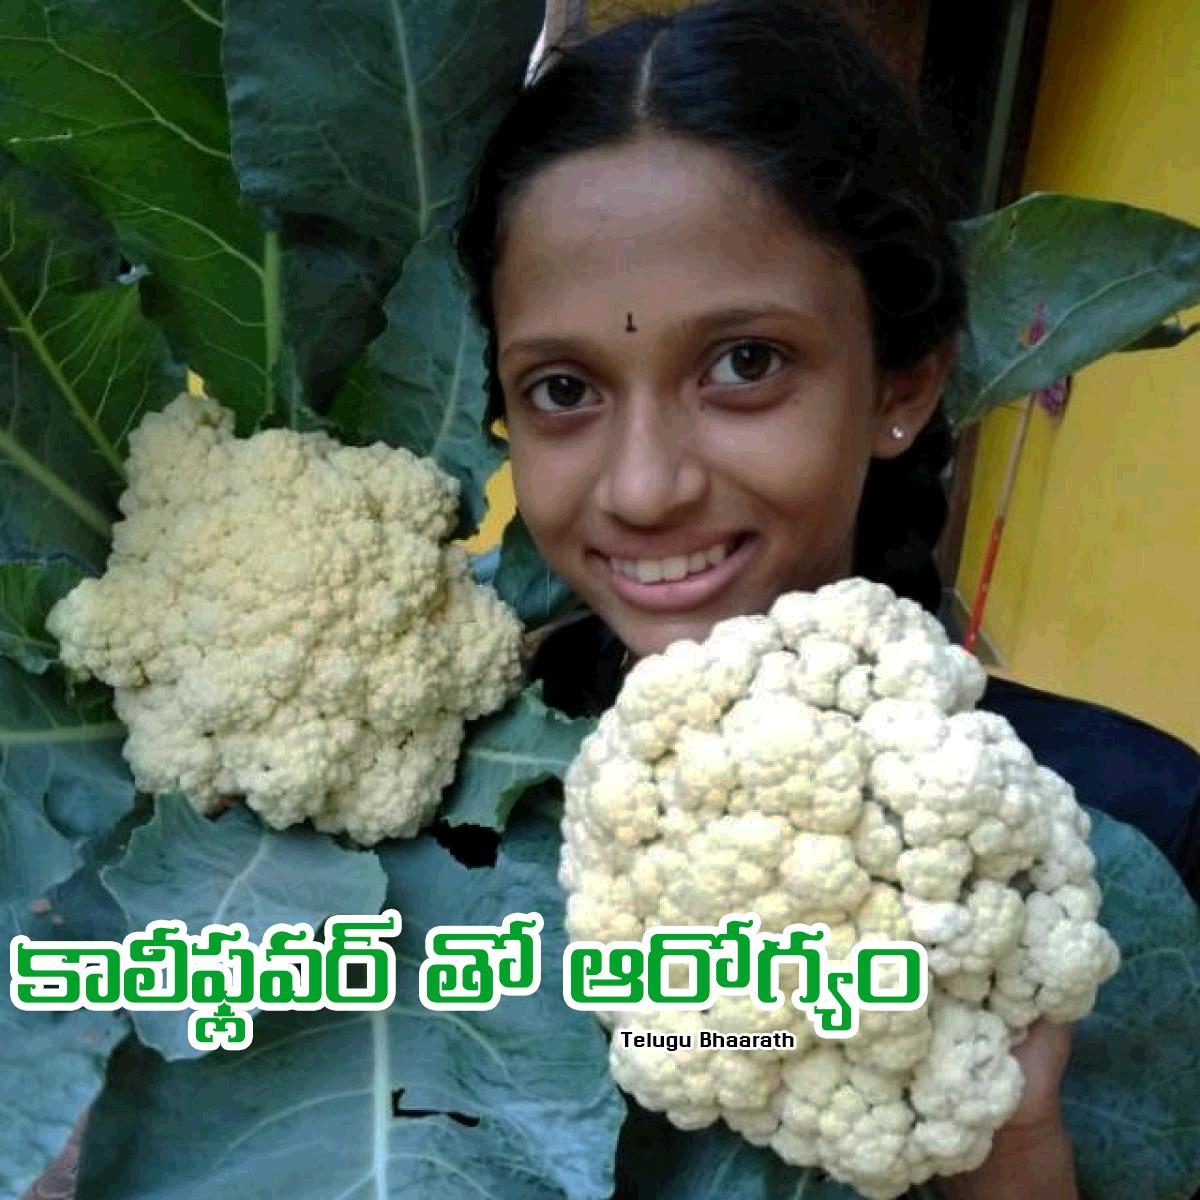 కాలీఫ్లవర్ లో దాగున్న అద్బుత ఆరోగ్య రహస్యాలు - Cauliflower lo Daagiunna Adhbutha Aarogya Rahasyaalu